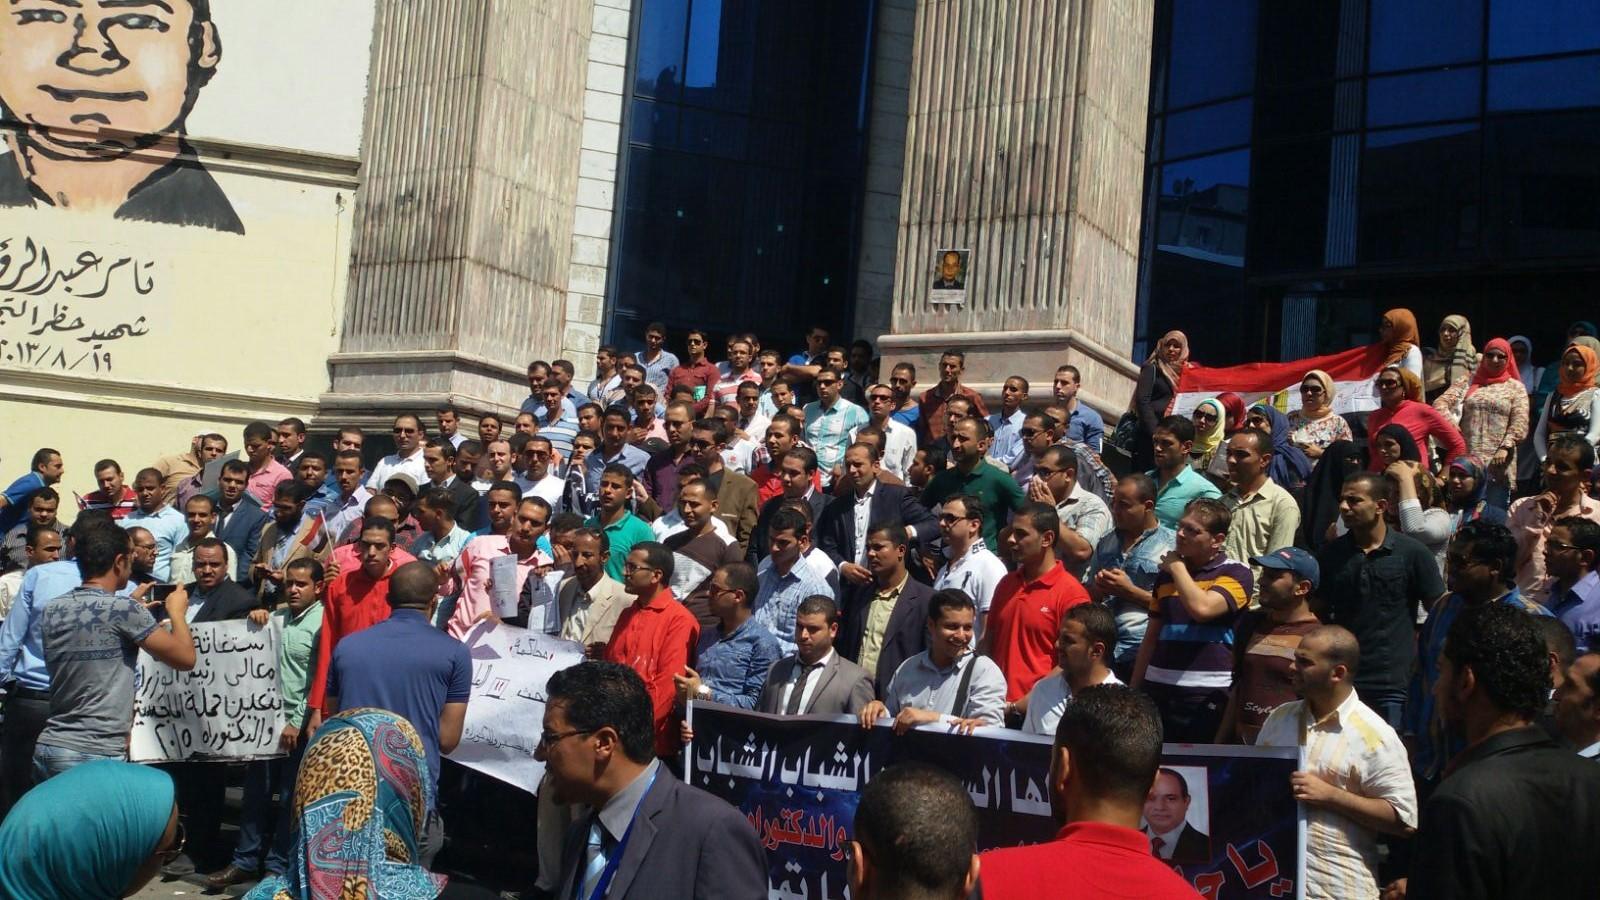 بالصور.. وقفة لحملة الماجستير والدكتوراه على سلم «الصحفيين» للمطالبة بالتعيين